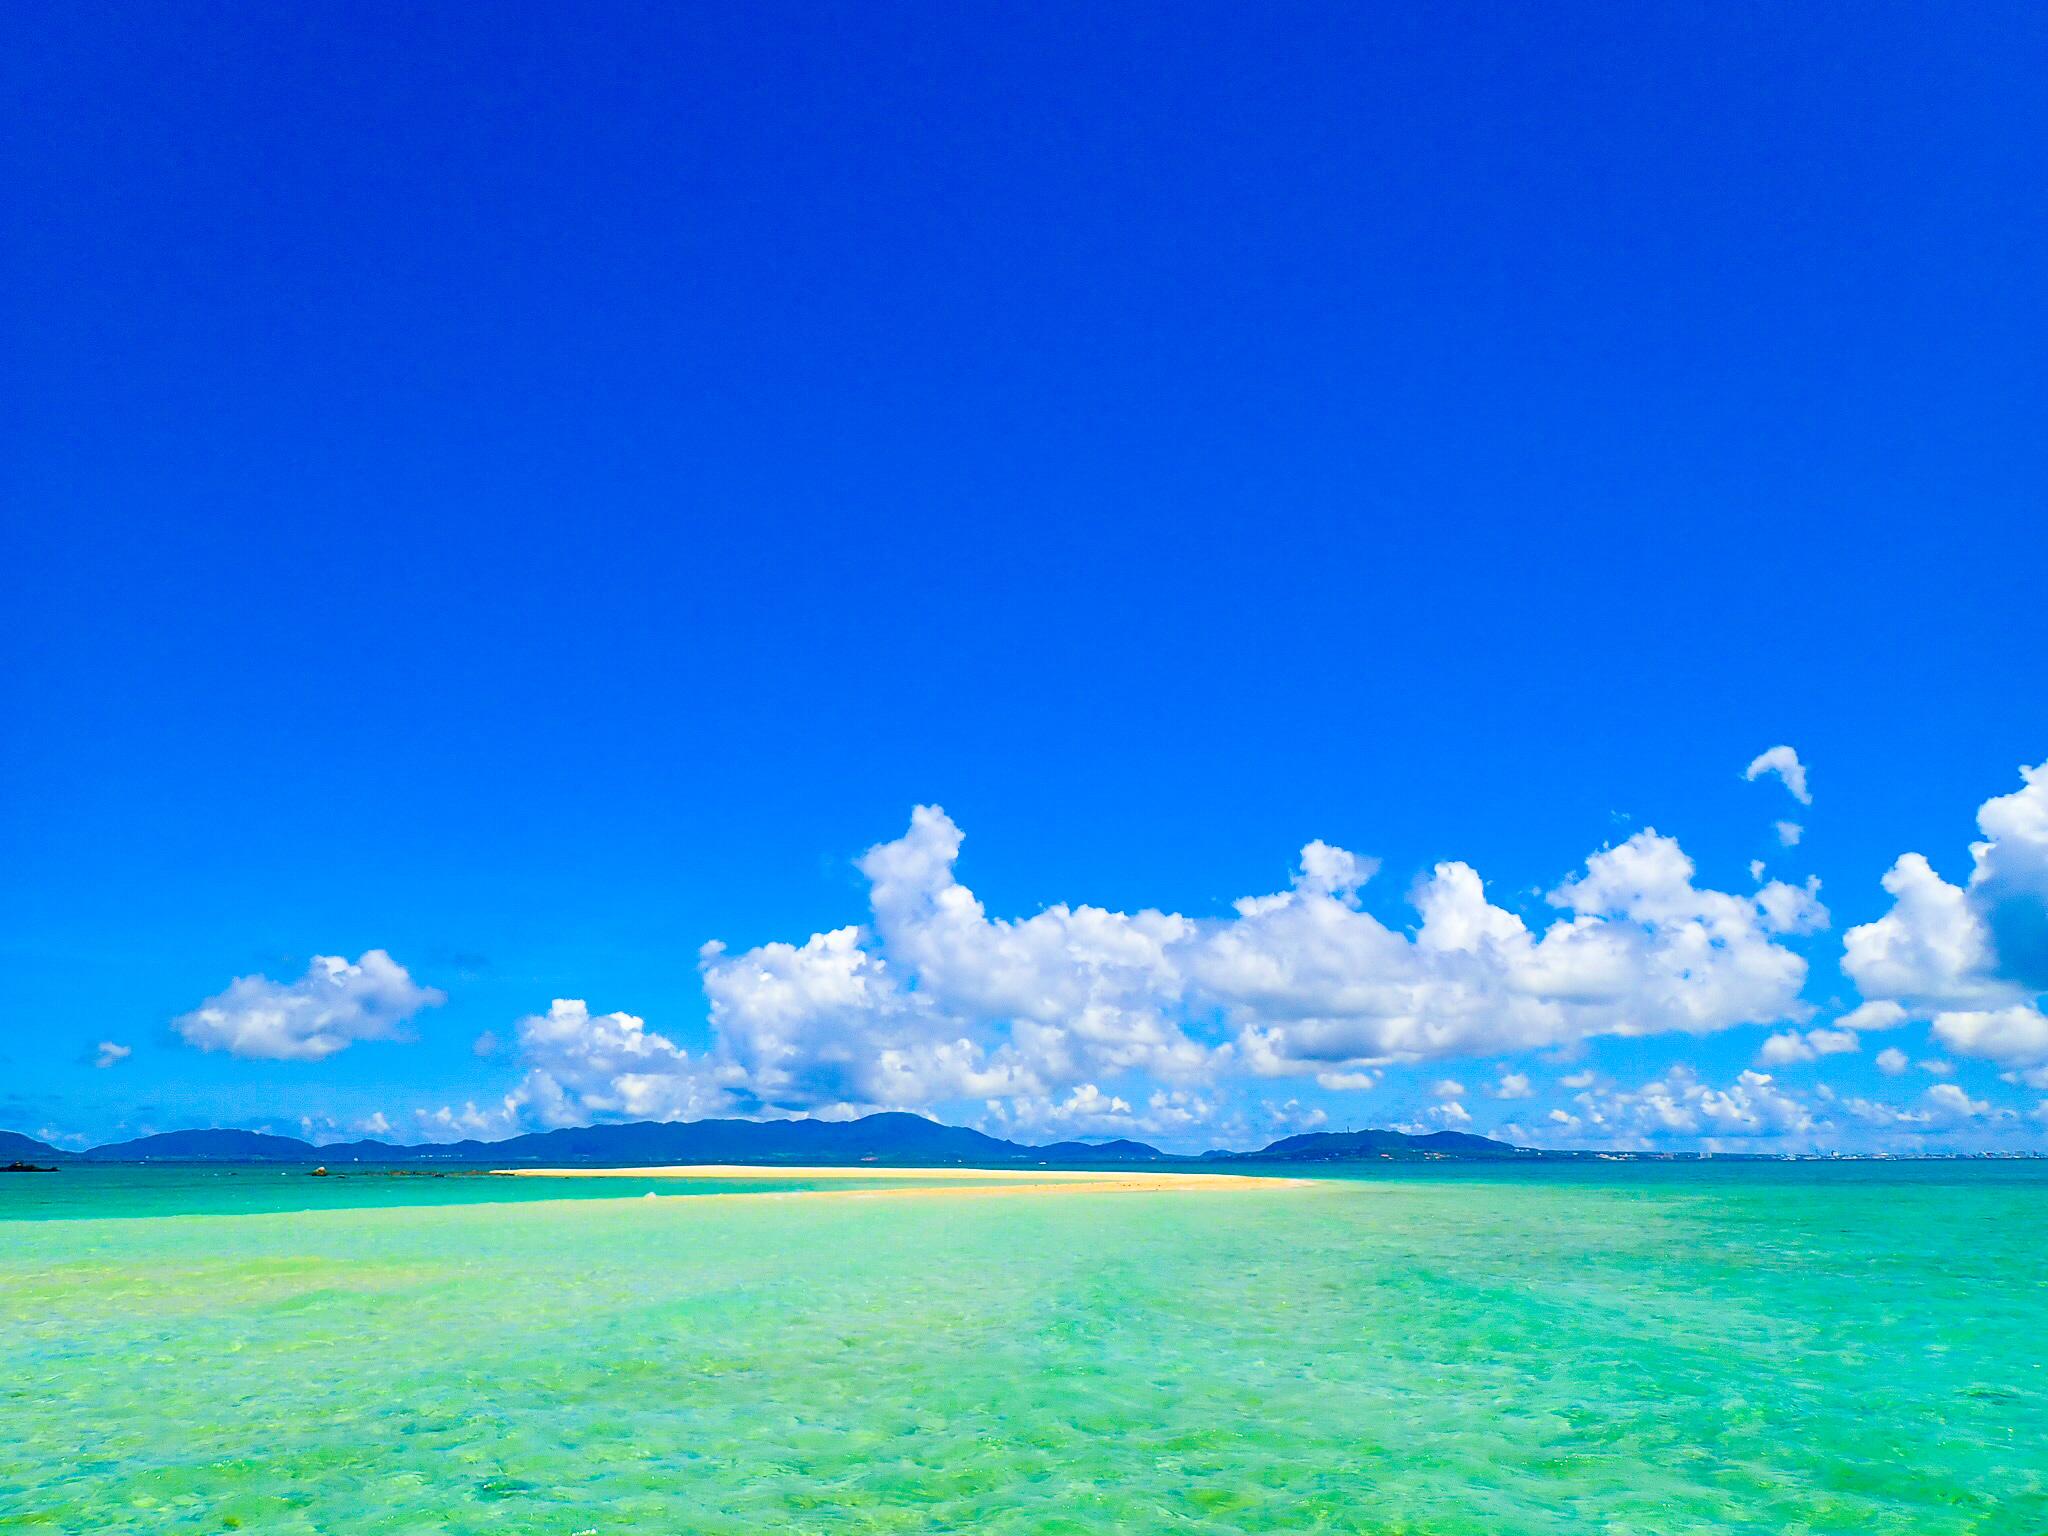 石垣島周辺のホワイトサンドビーチ